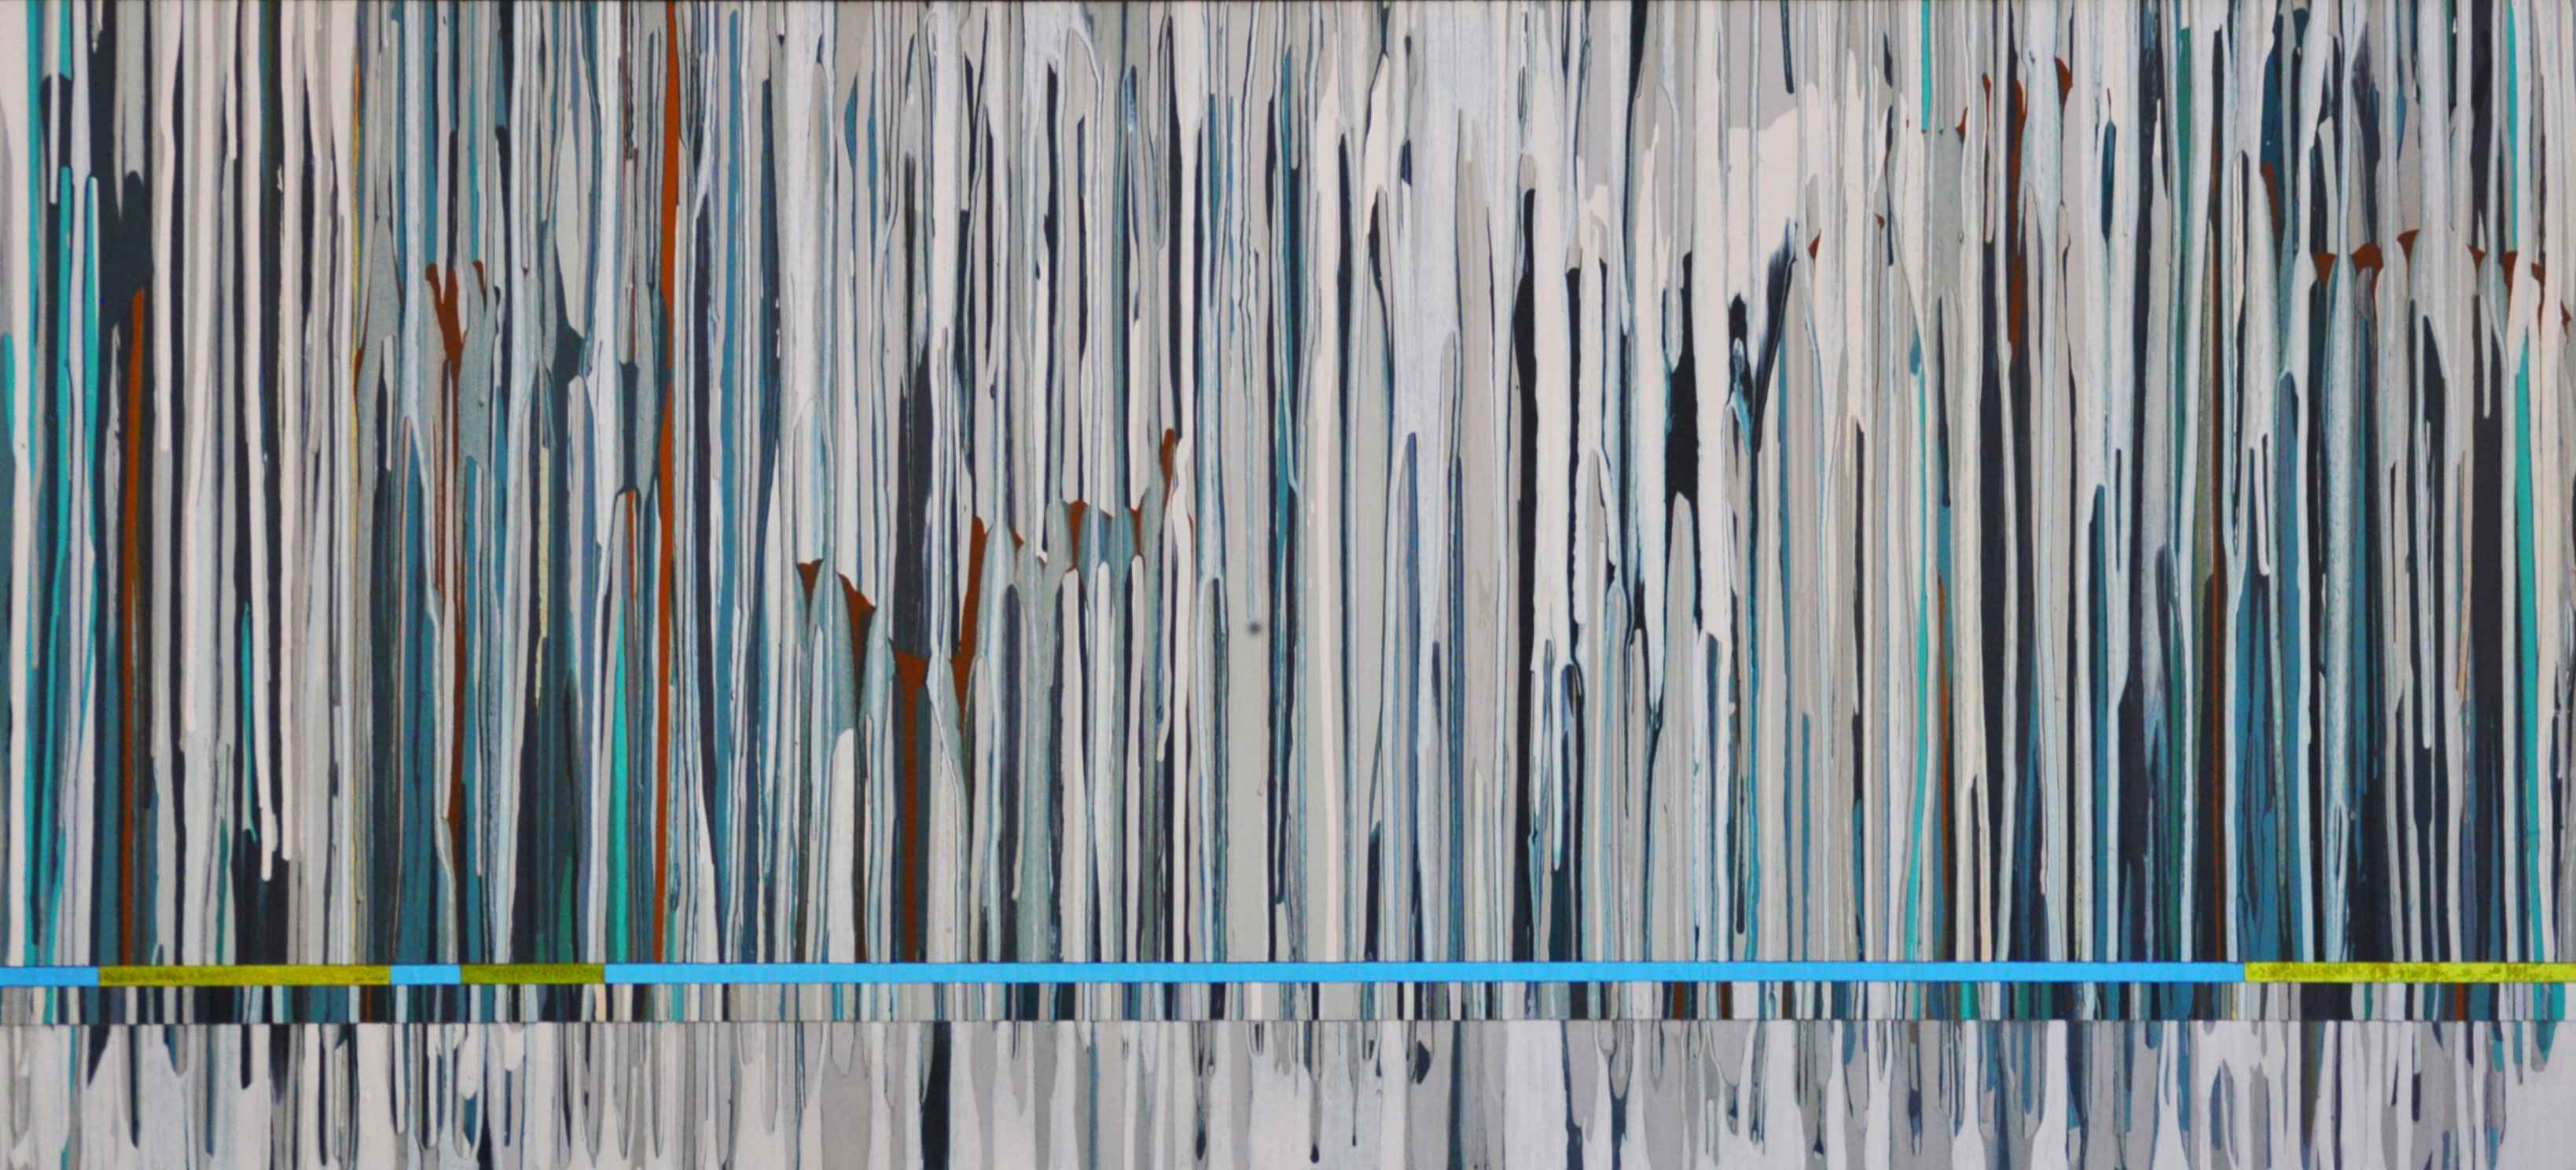 West Chop Woods by  Susie White - Masterpiece Online